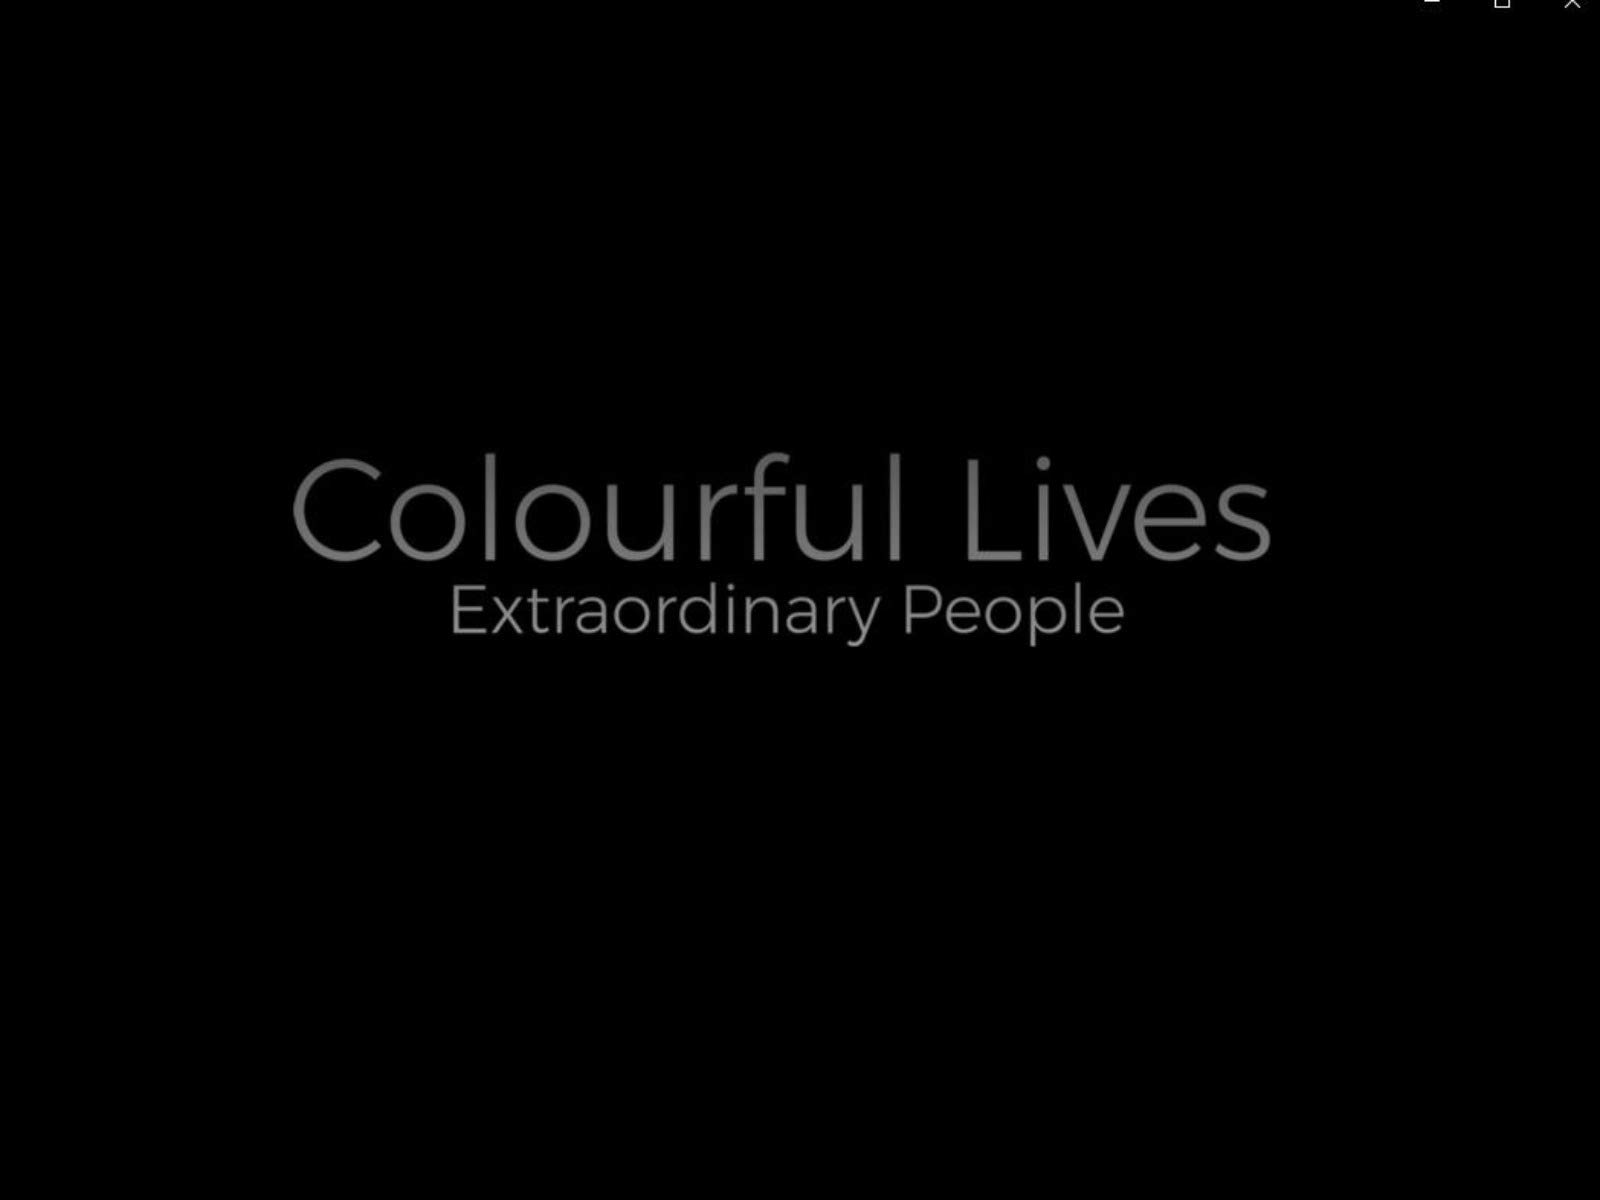 Colourful Lives - Season 1